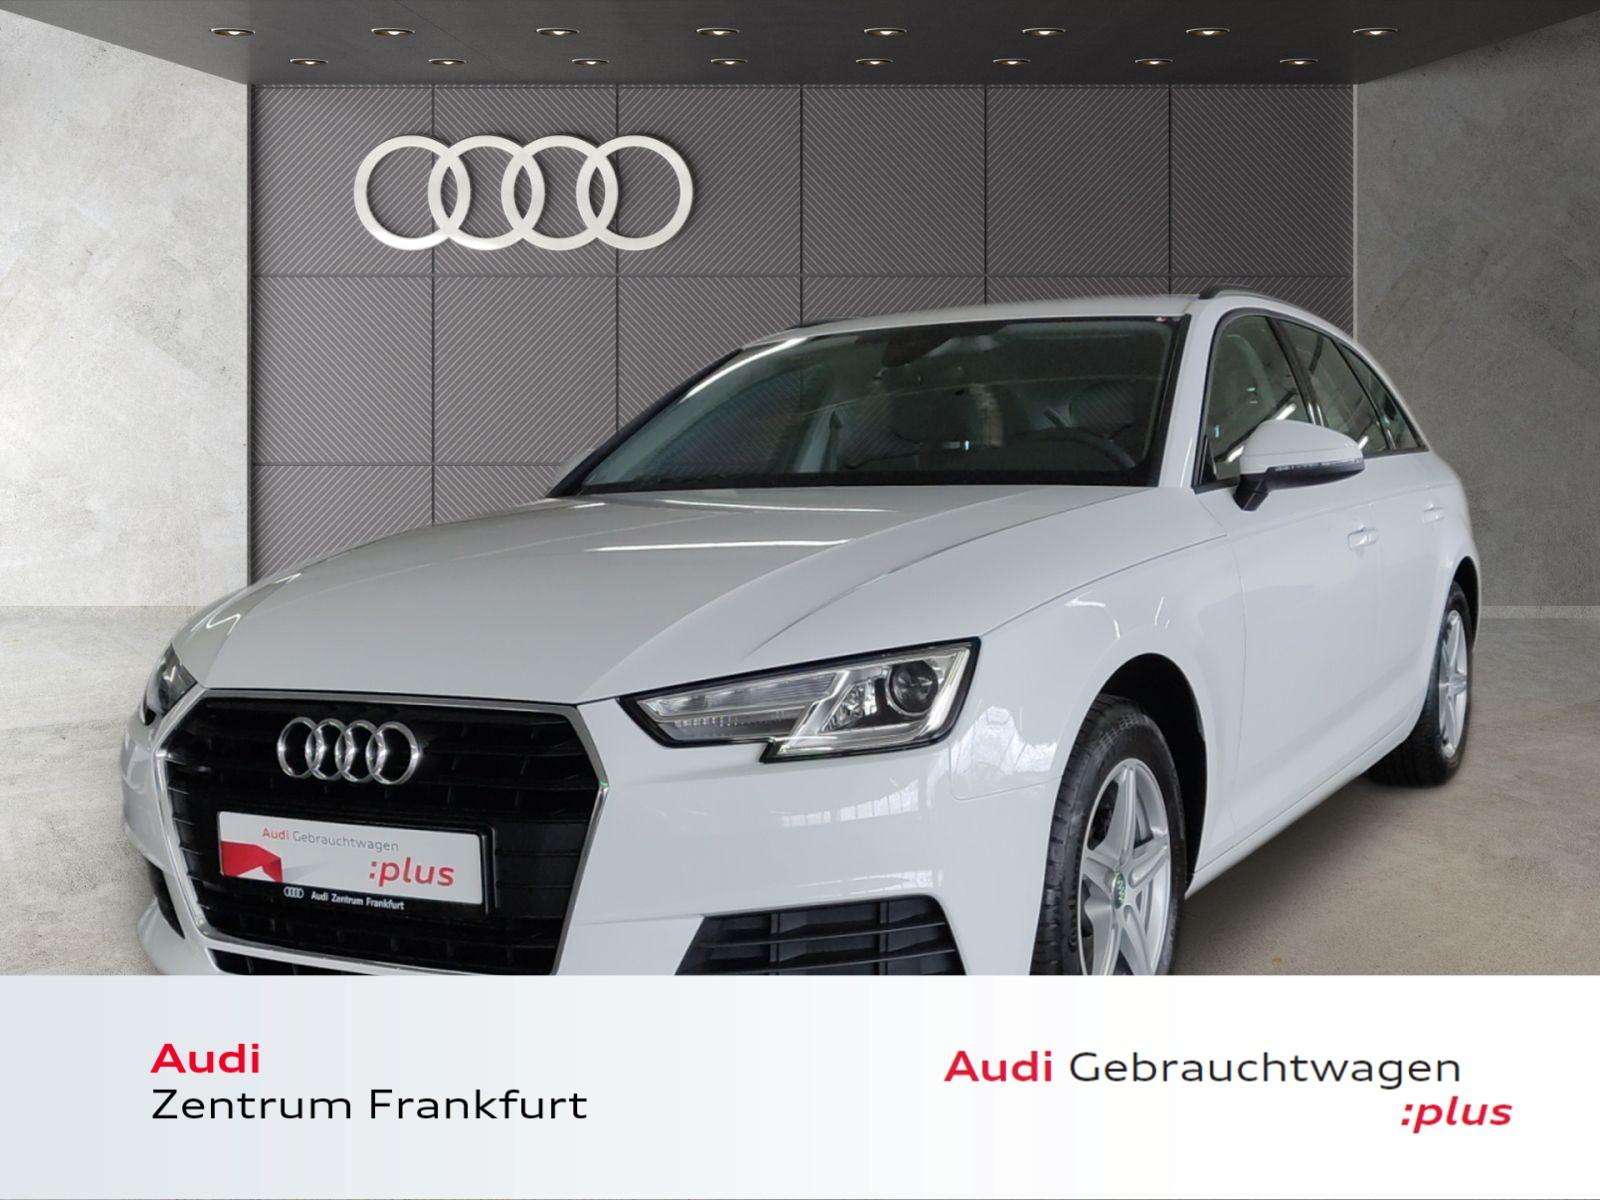 Audi A4 Avant 1.4 TFSI Xenon Navi PDC Sitzheizung Klimaautomatik, Jahr 2018, Benzin